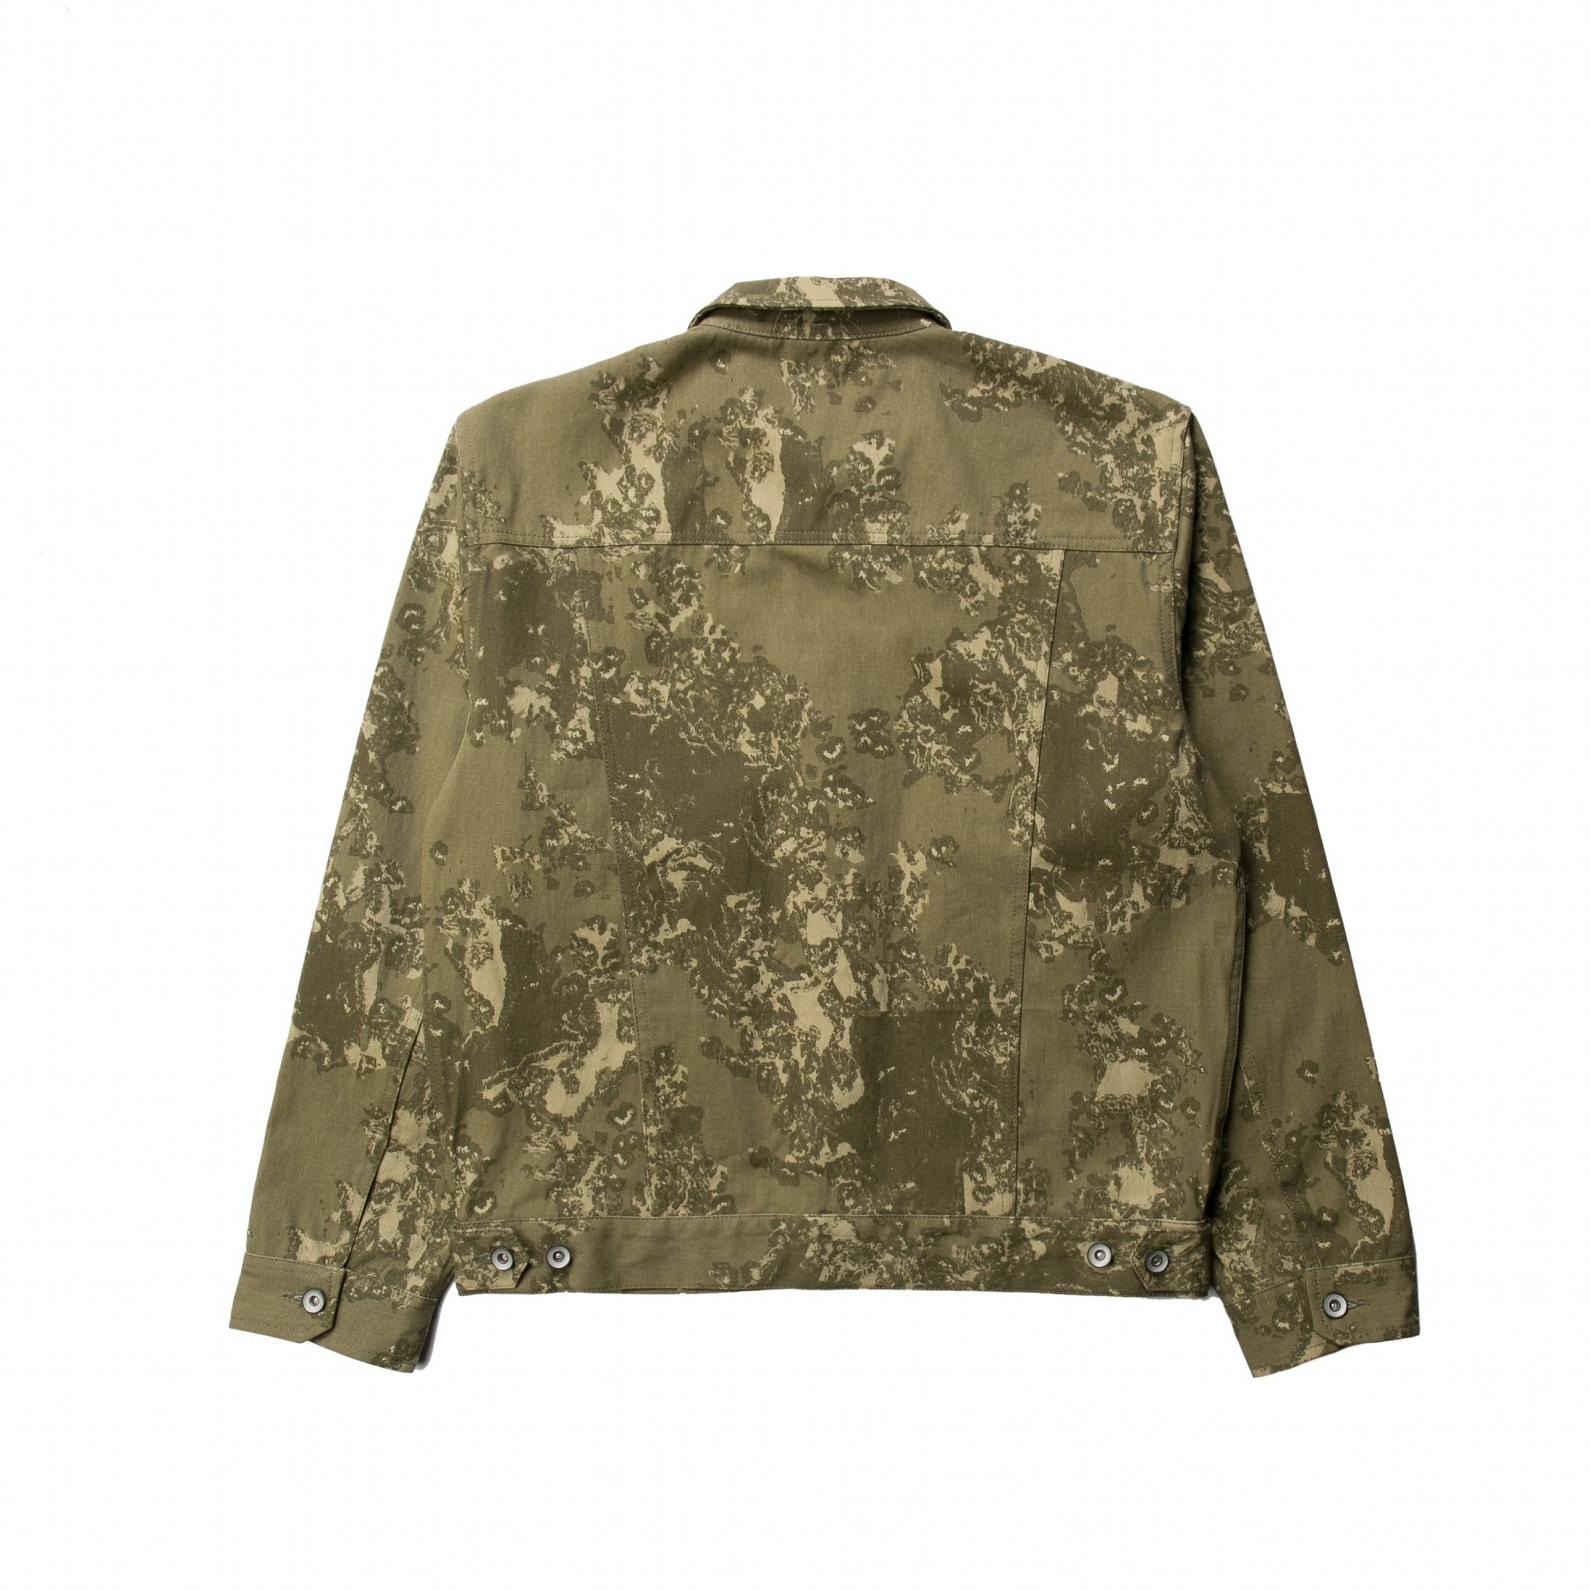 【PUBLISH BRAND/パブリッシュブランド】TOPAS カラーワークジャケット / STONE